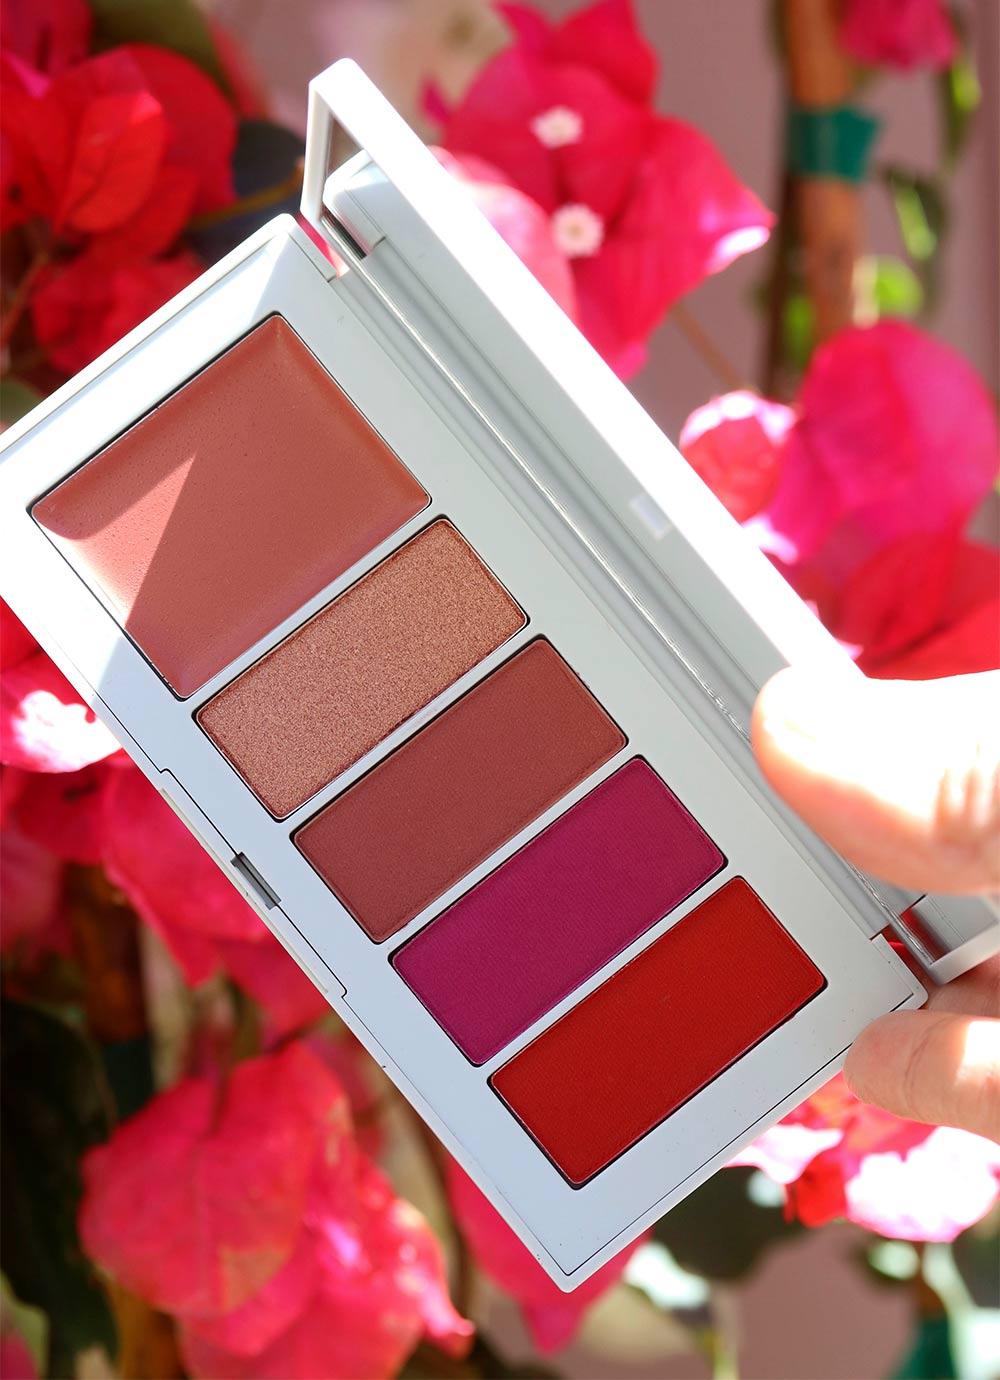 nars poison rose lip powder palette